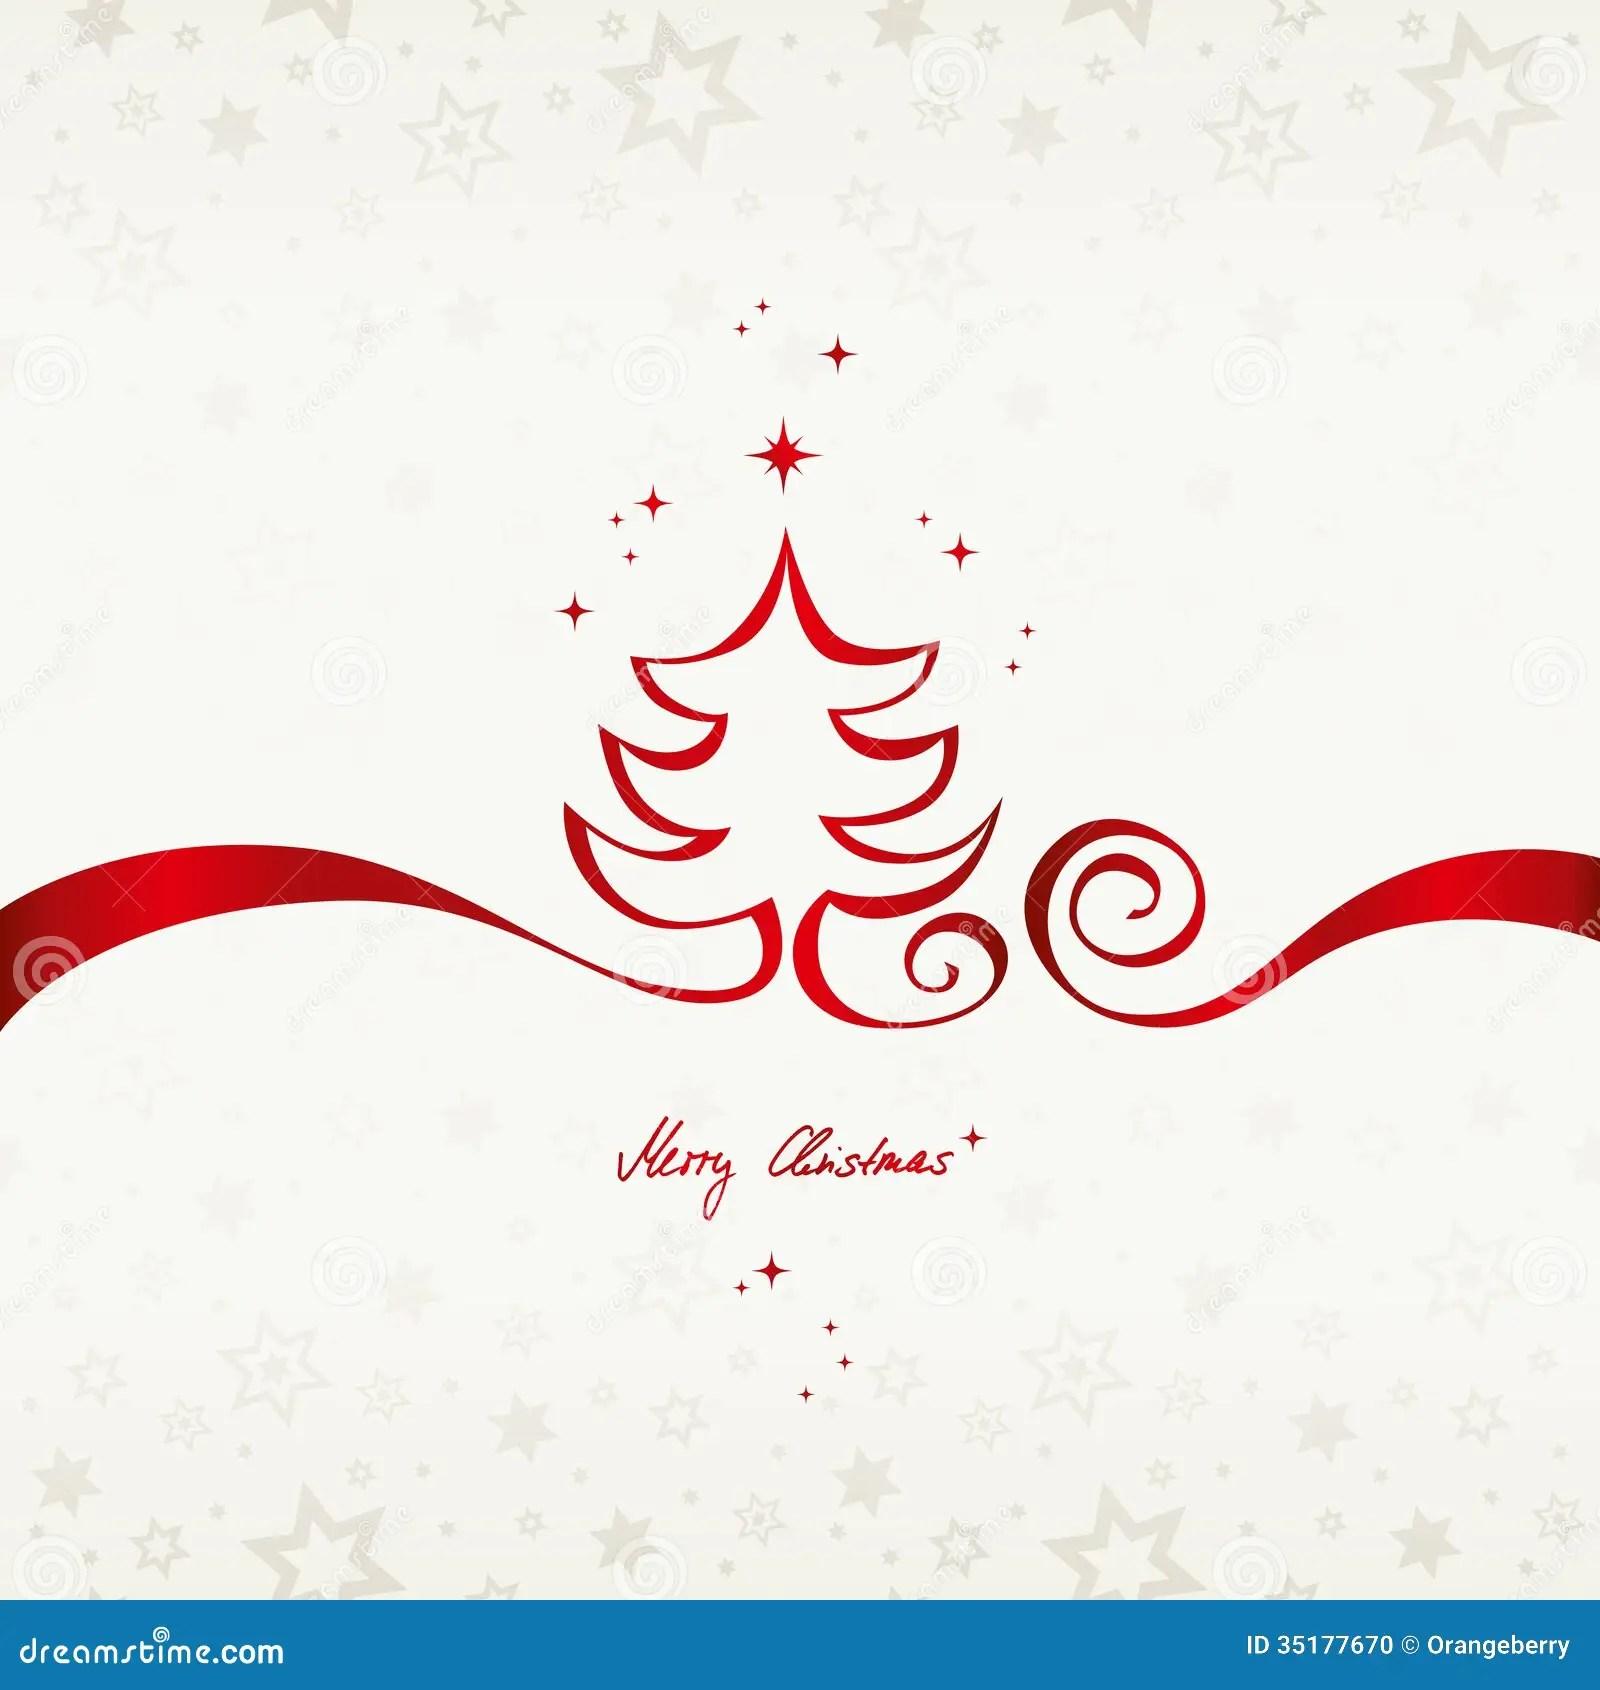 Christmas Card Stock Photo Image 35177670